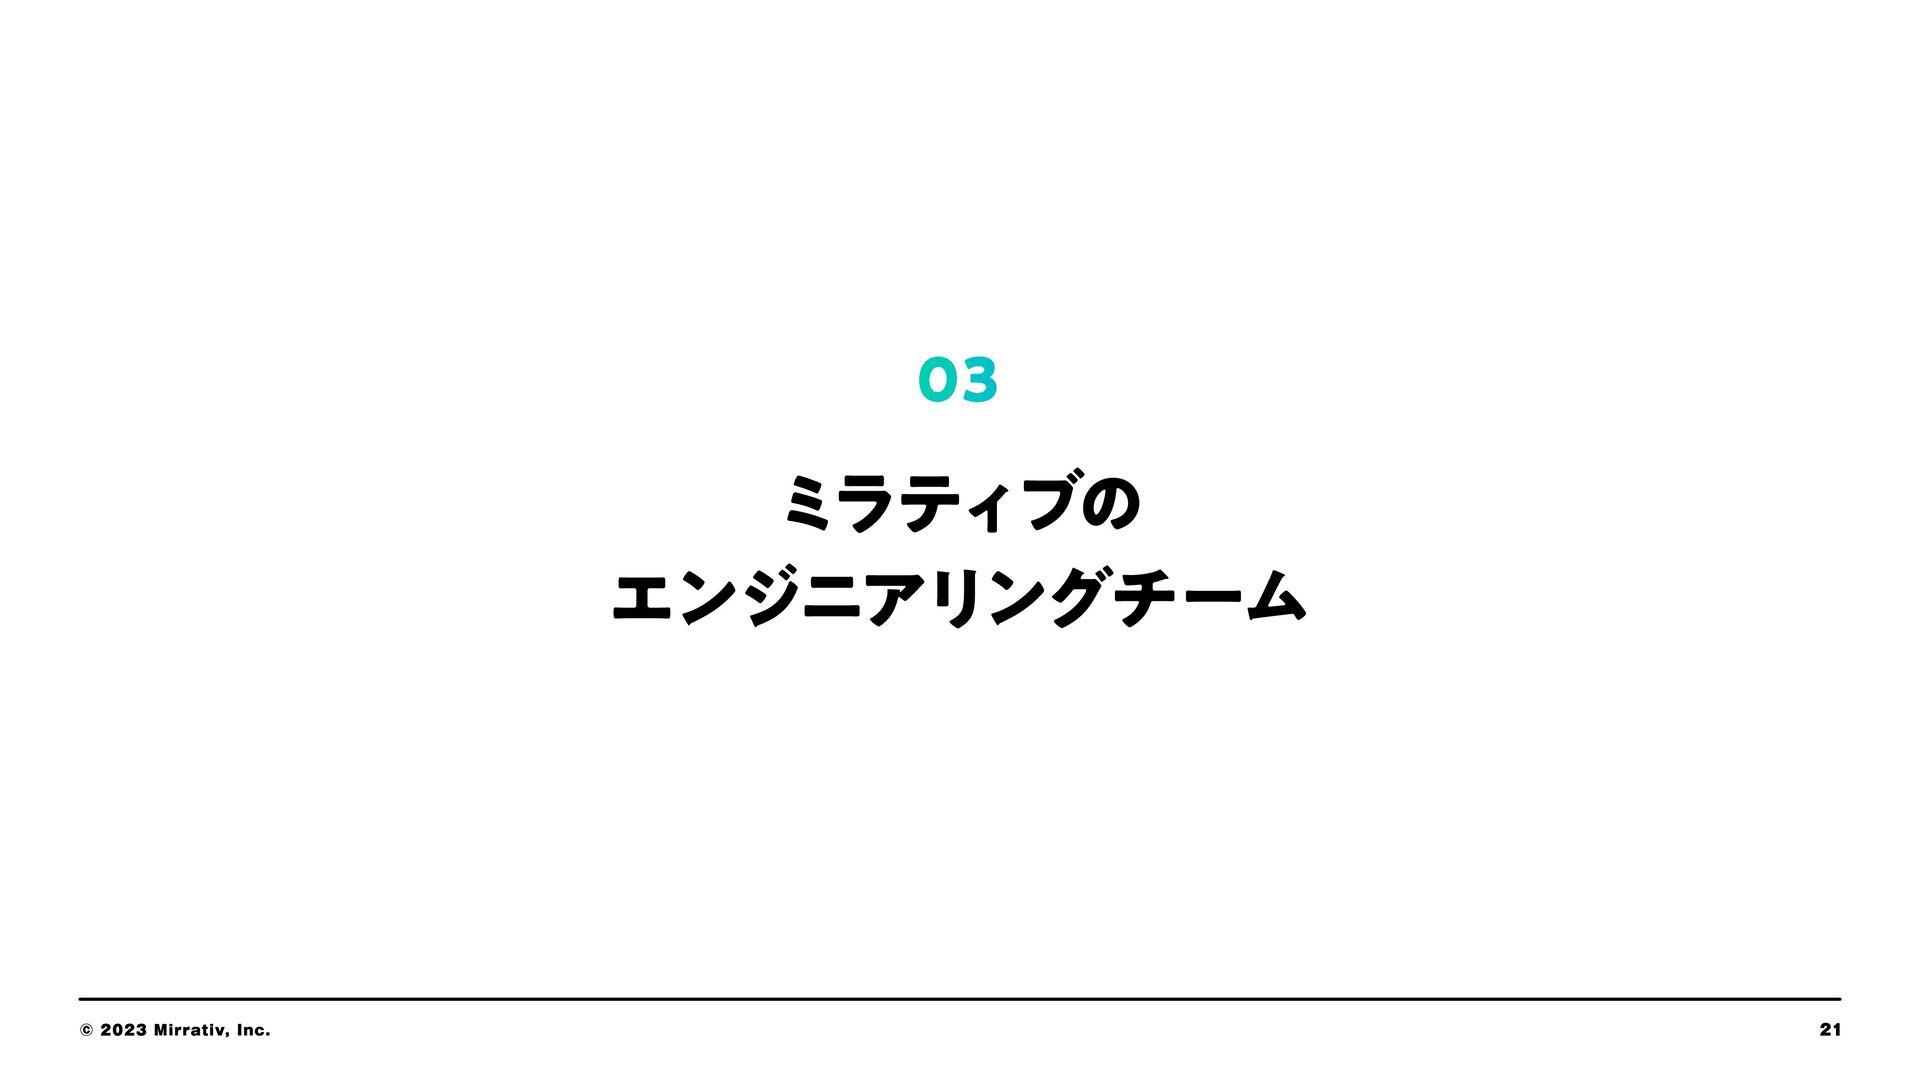 エモモは「ライブ配信SNSにおける3Dアバター」です。Mirrativ は誰でも簡単に配信す ...